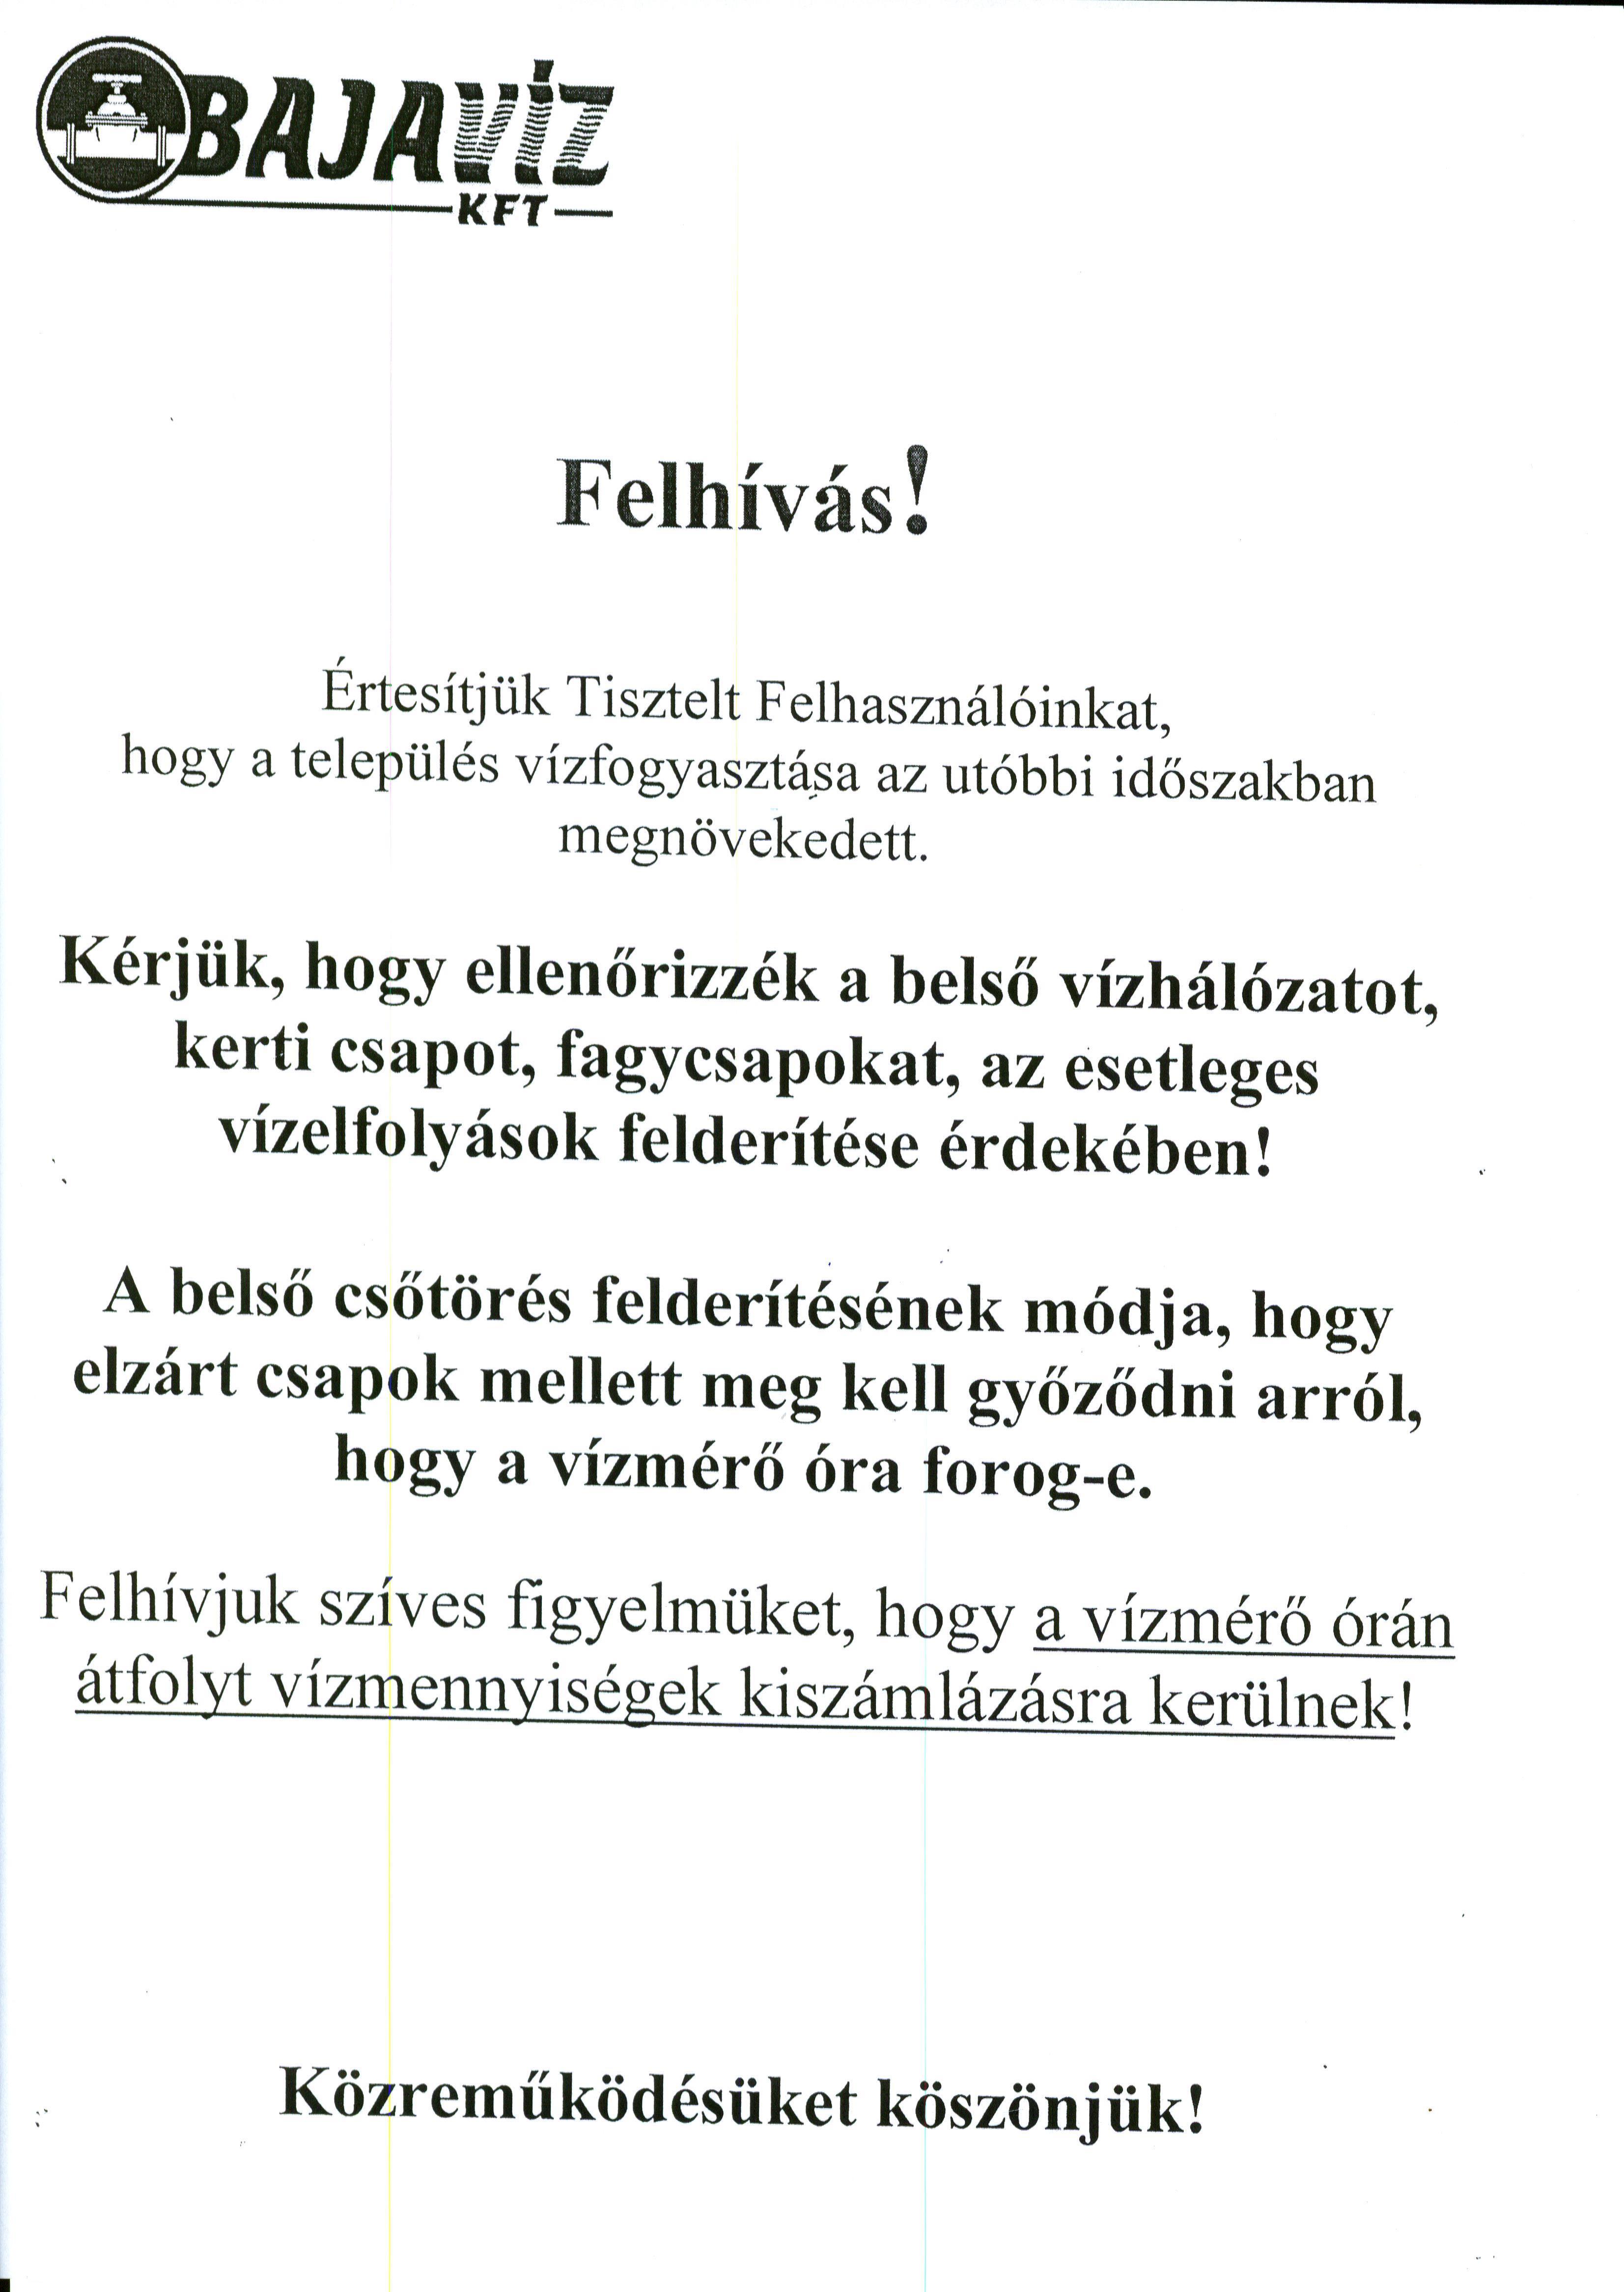 FELHÍVÁS